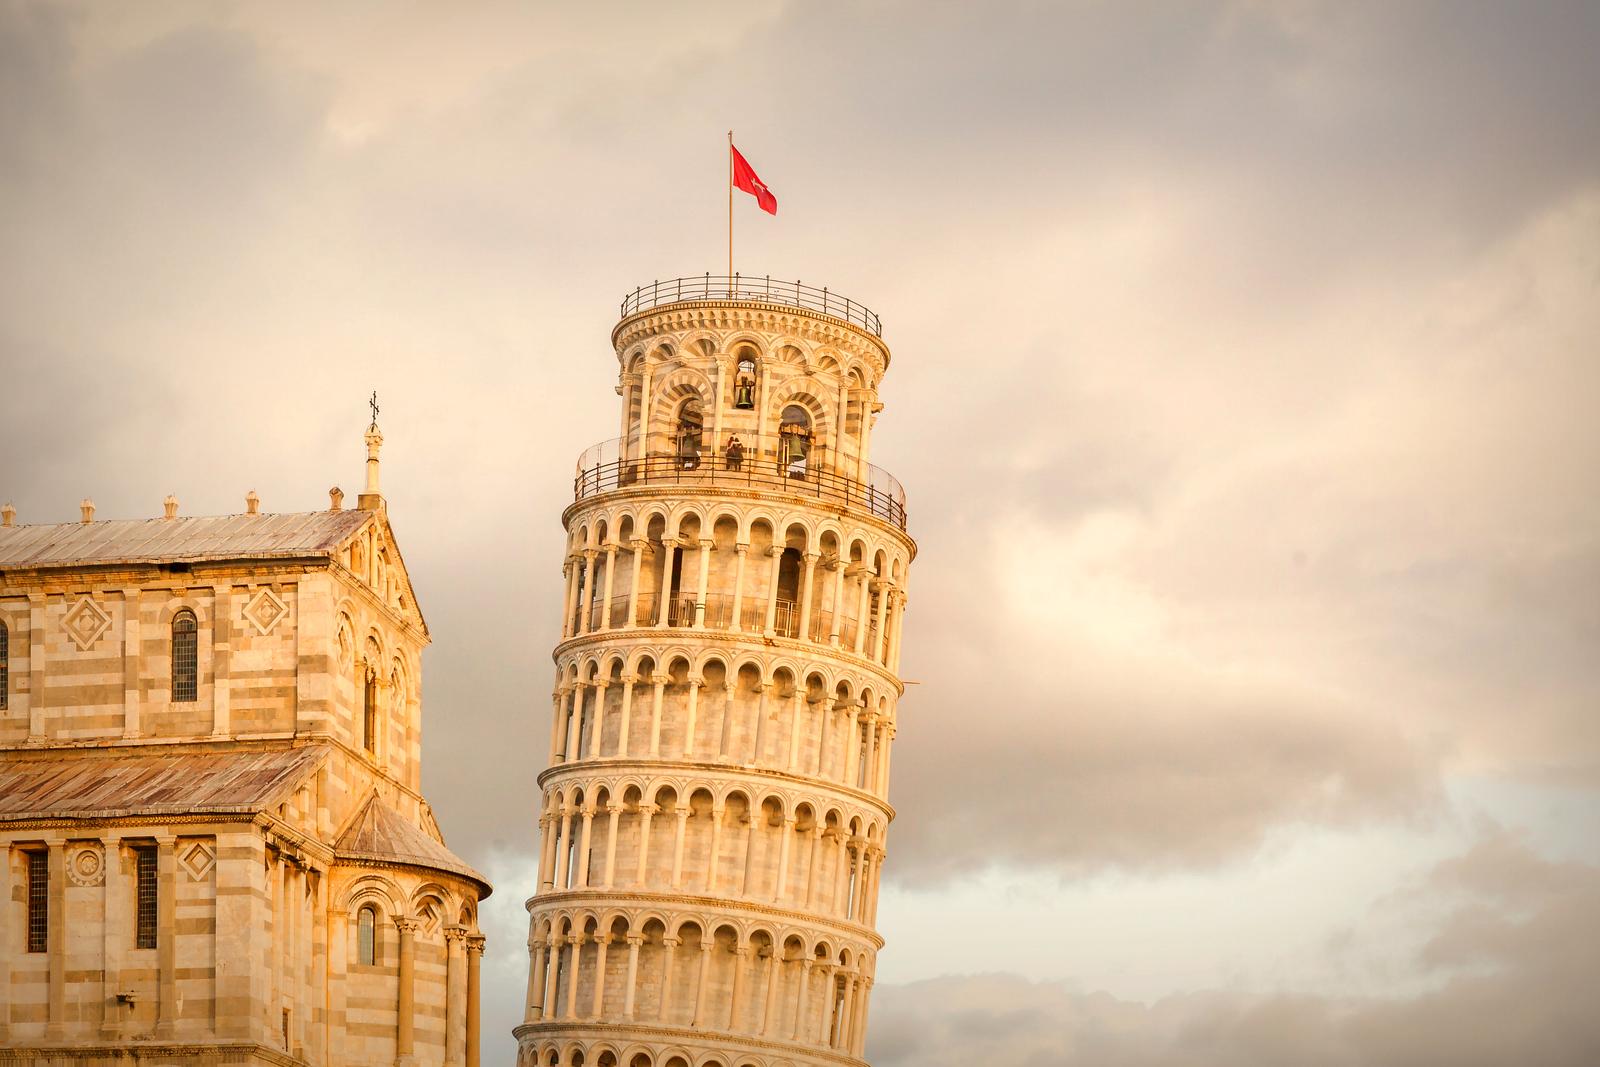 意大利比萨斜塔,看点不是塔